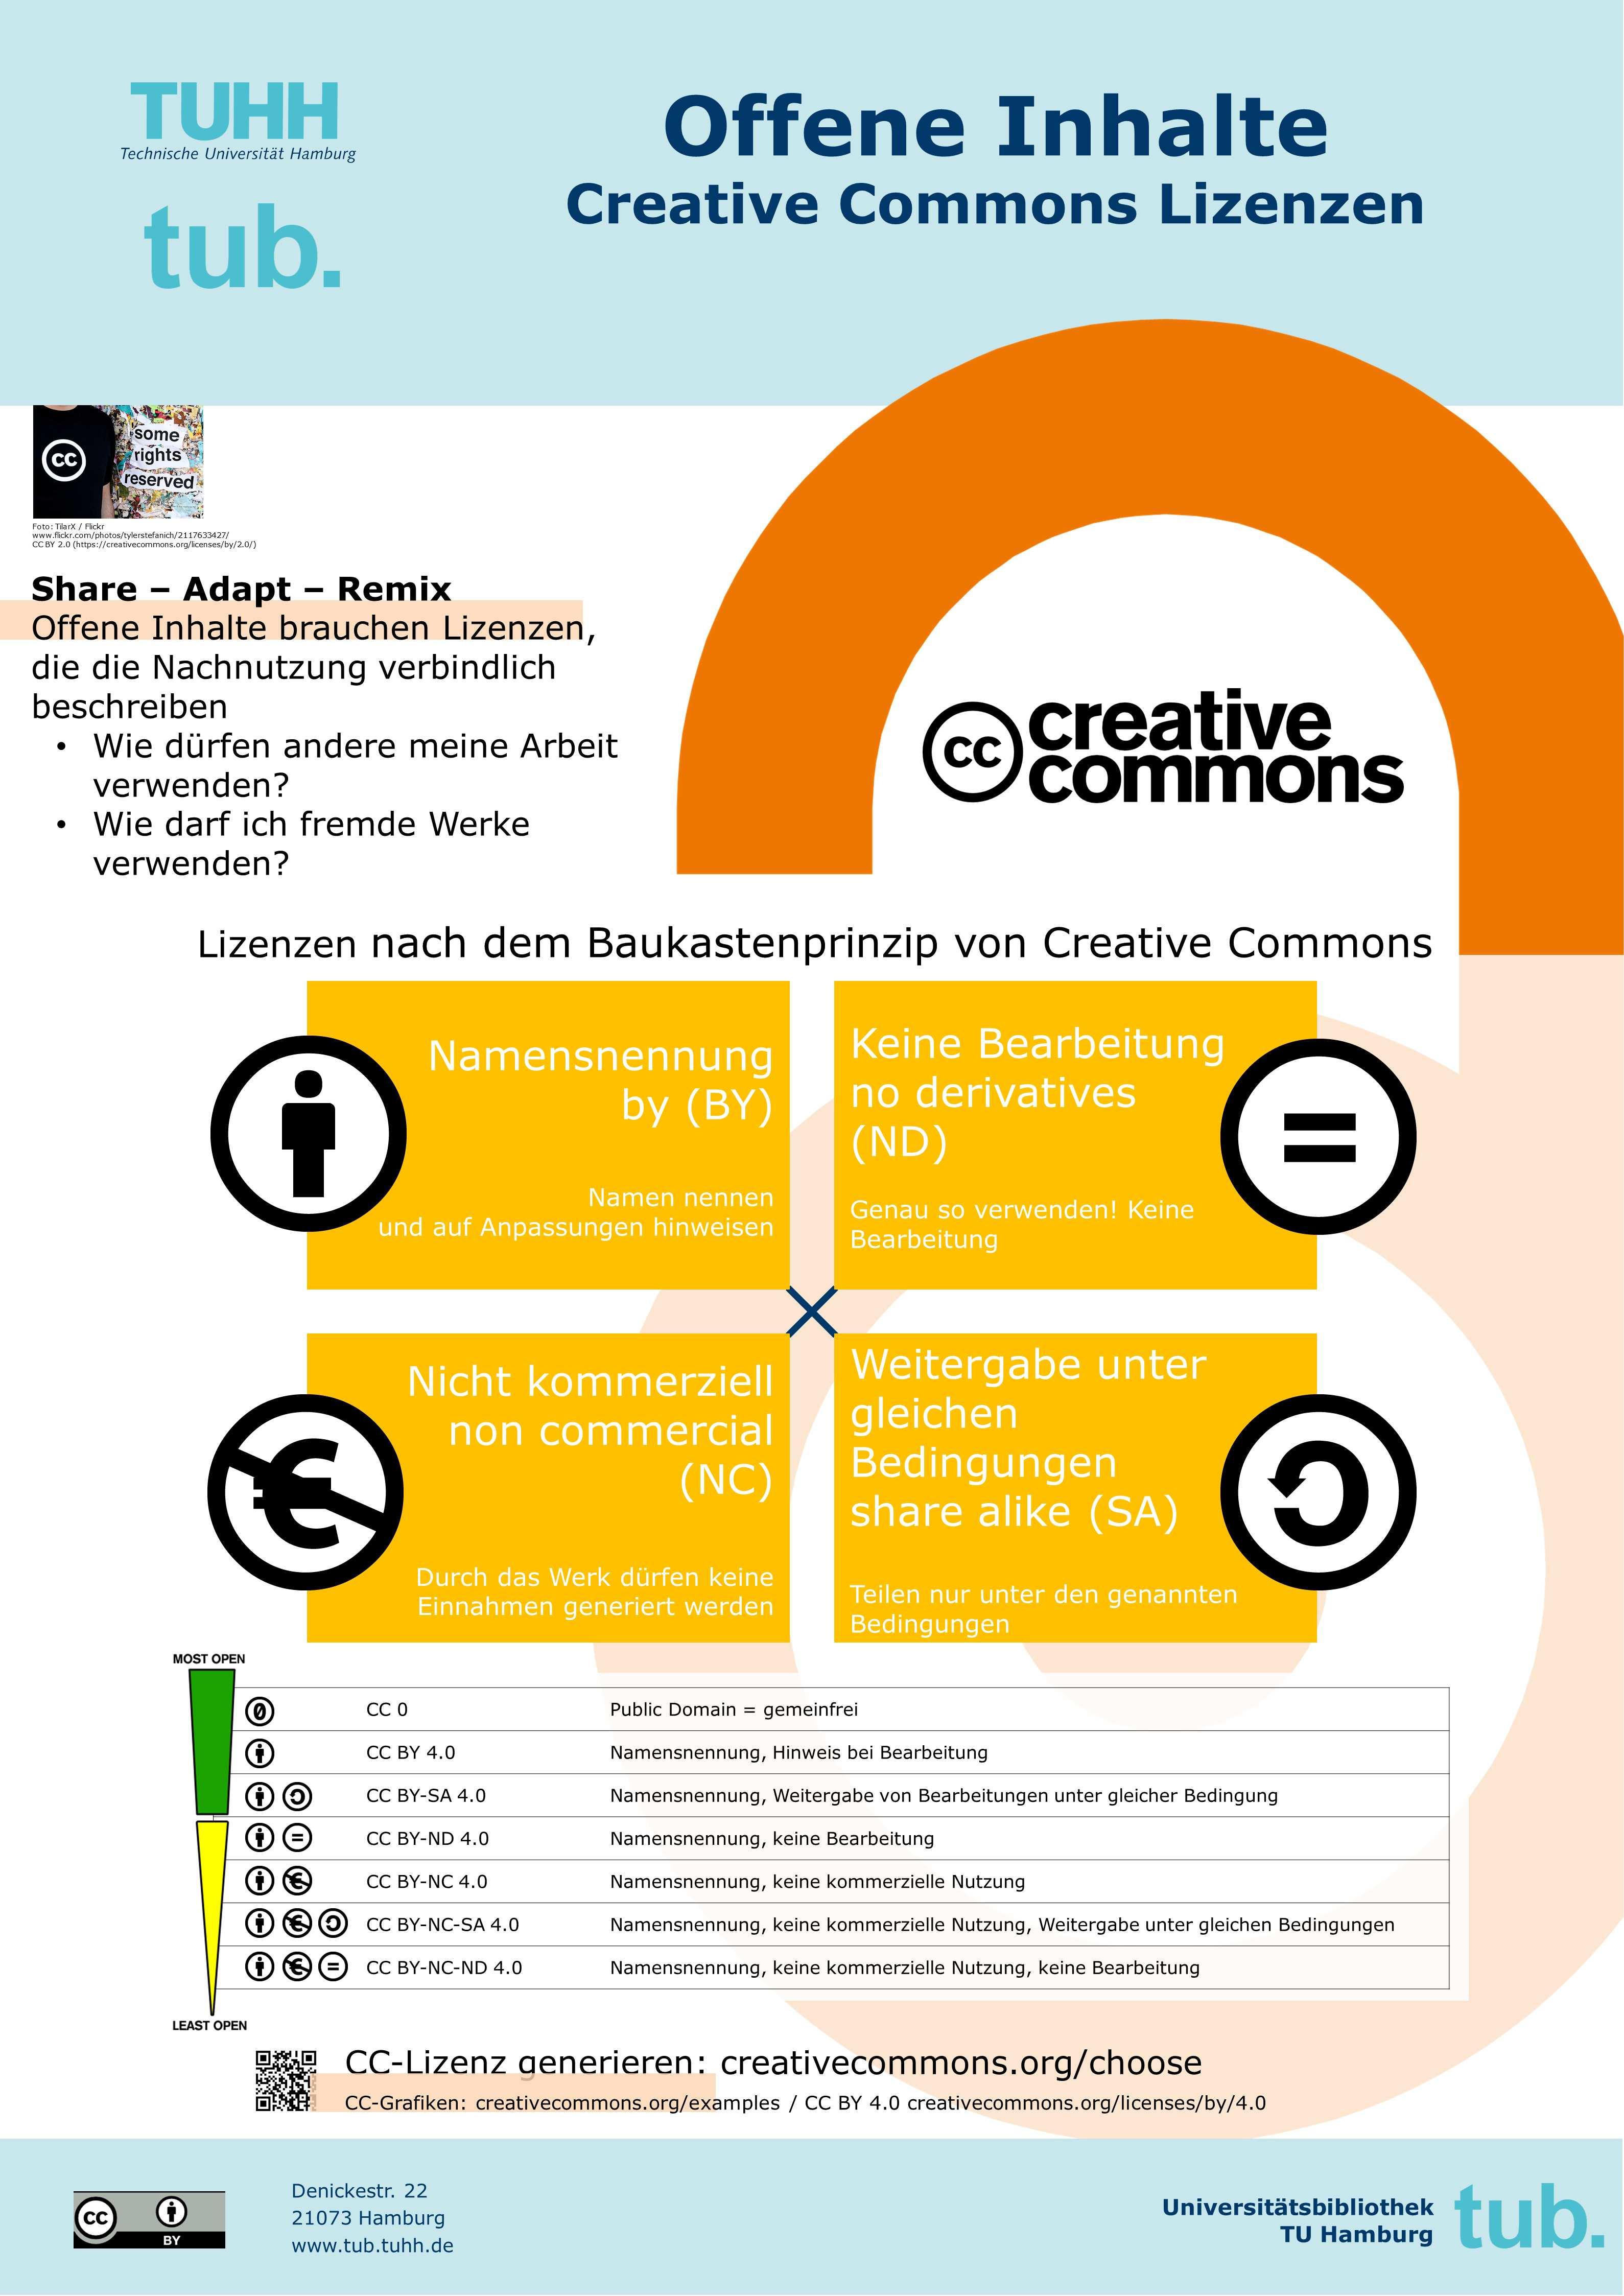 Offene Inhalte CC-Lizenzen - Plakat der tub. 2018